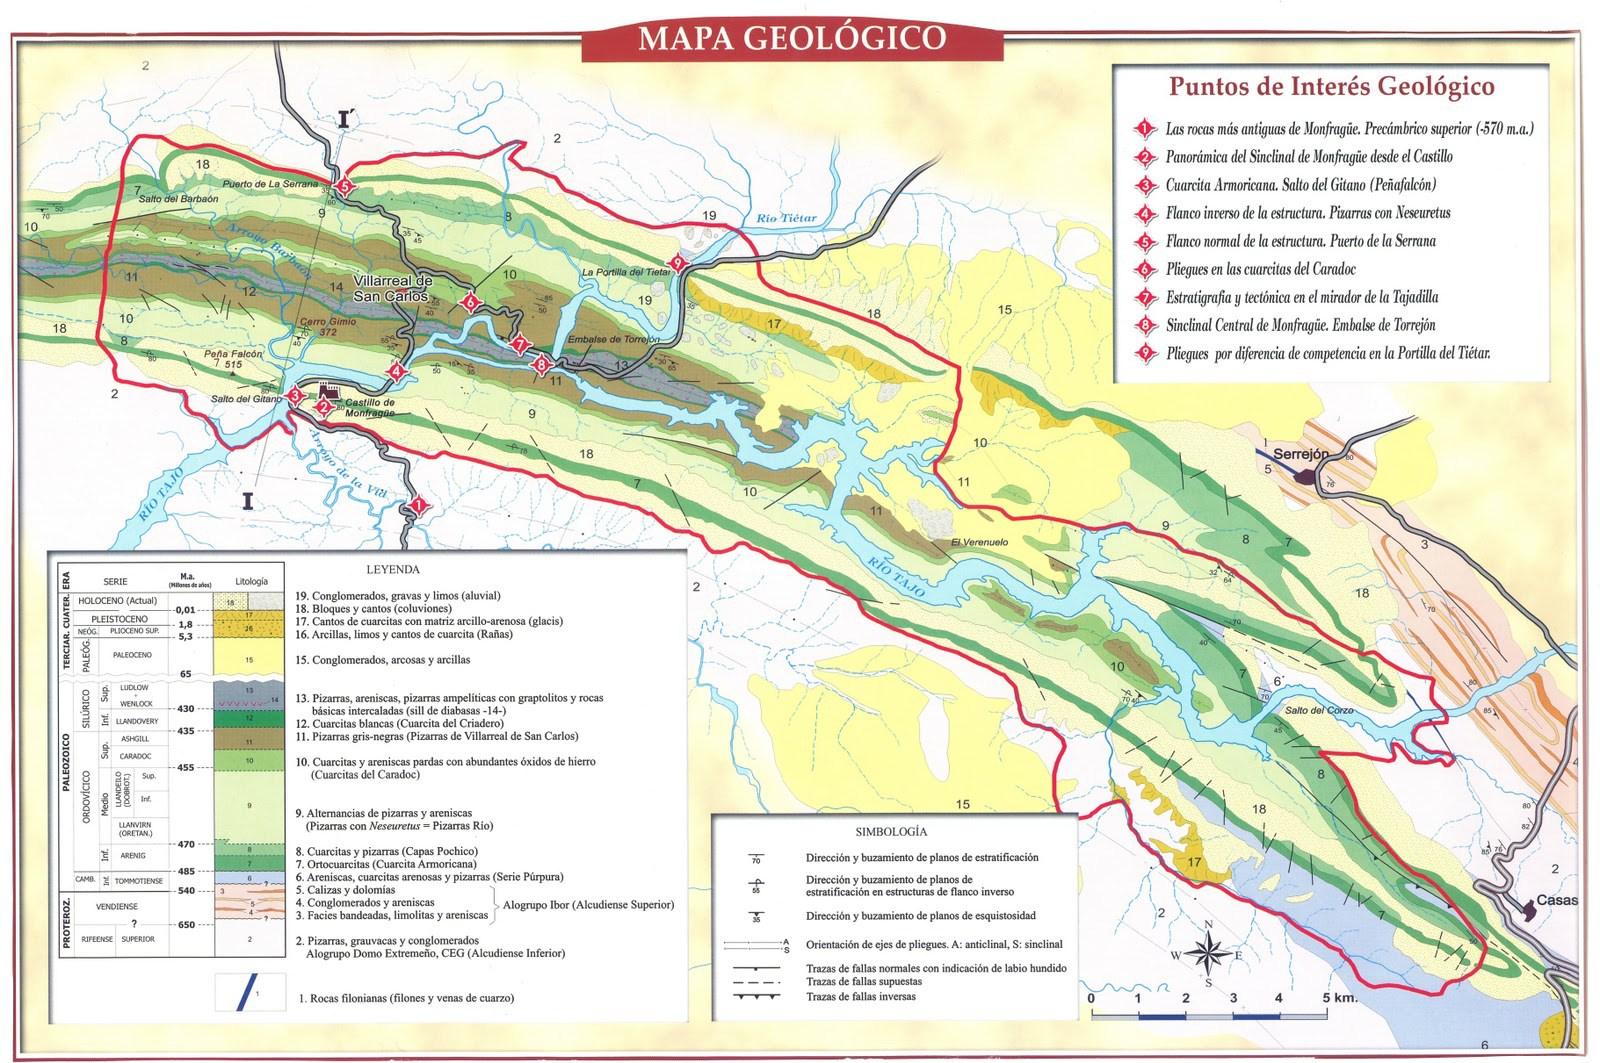 Mapa-Geologico-de-Monfrague-2